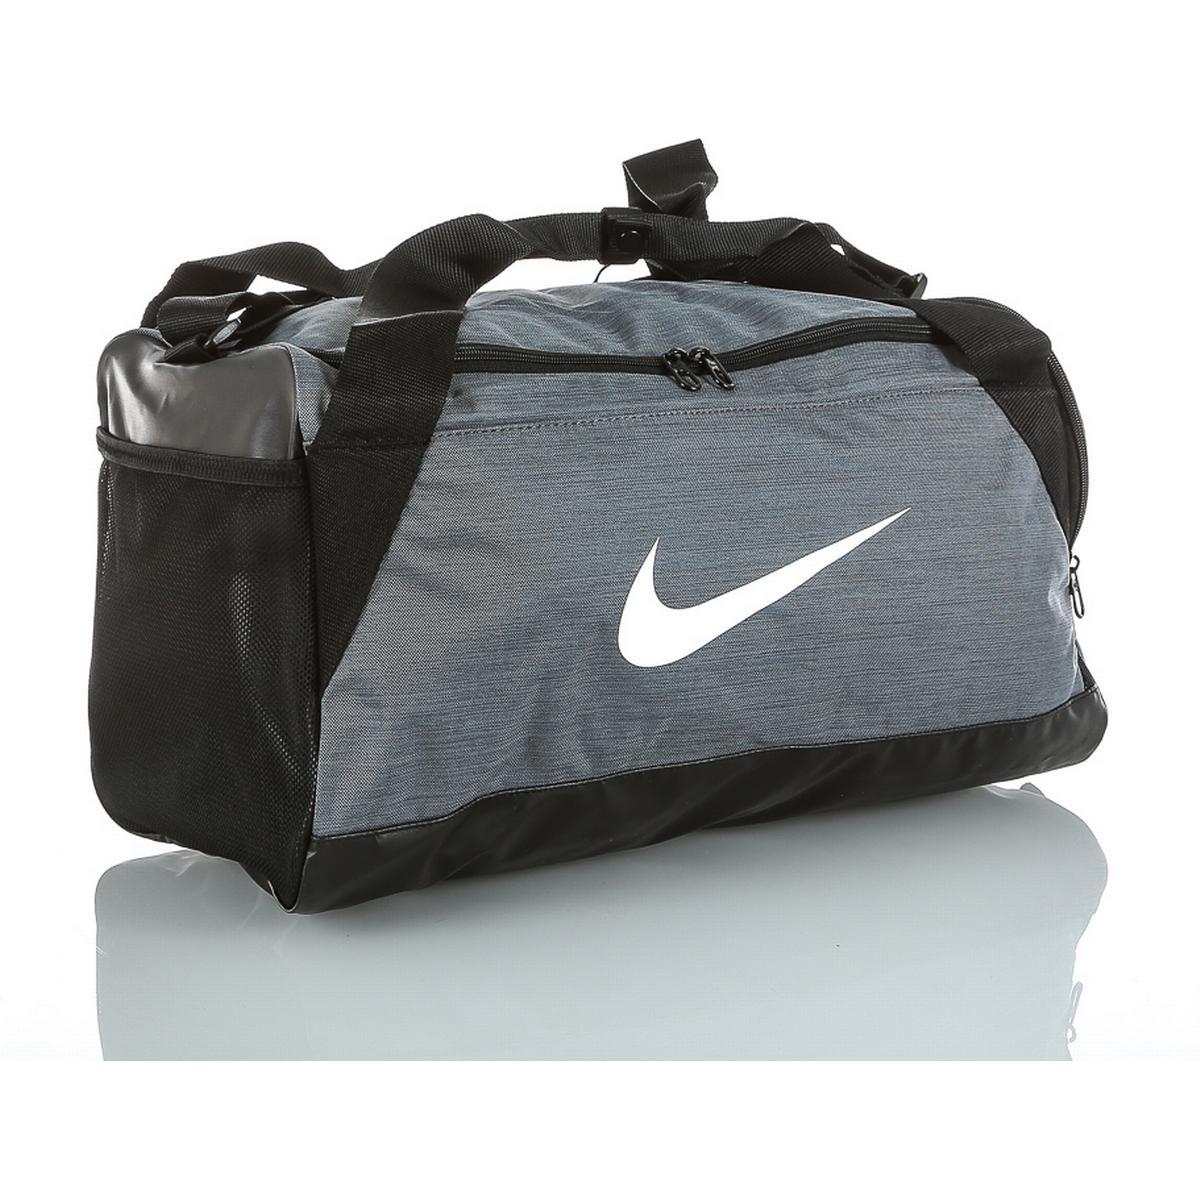 6bf1e5f6 Nike Väskor - Jämför priser på PriceRunner